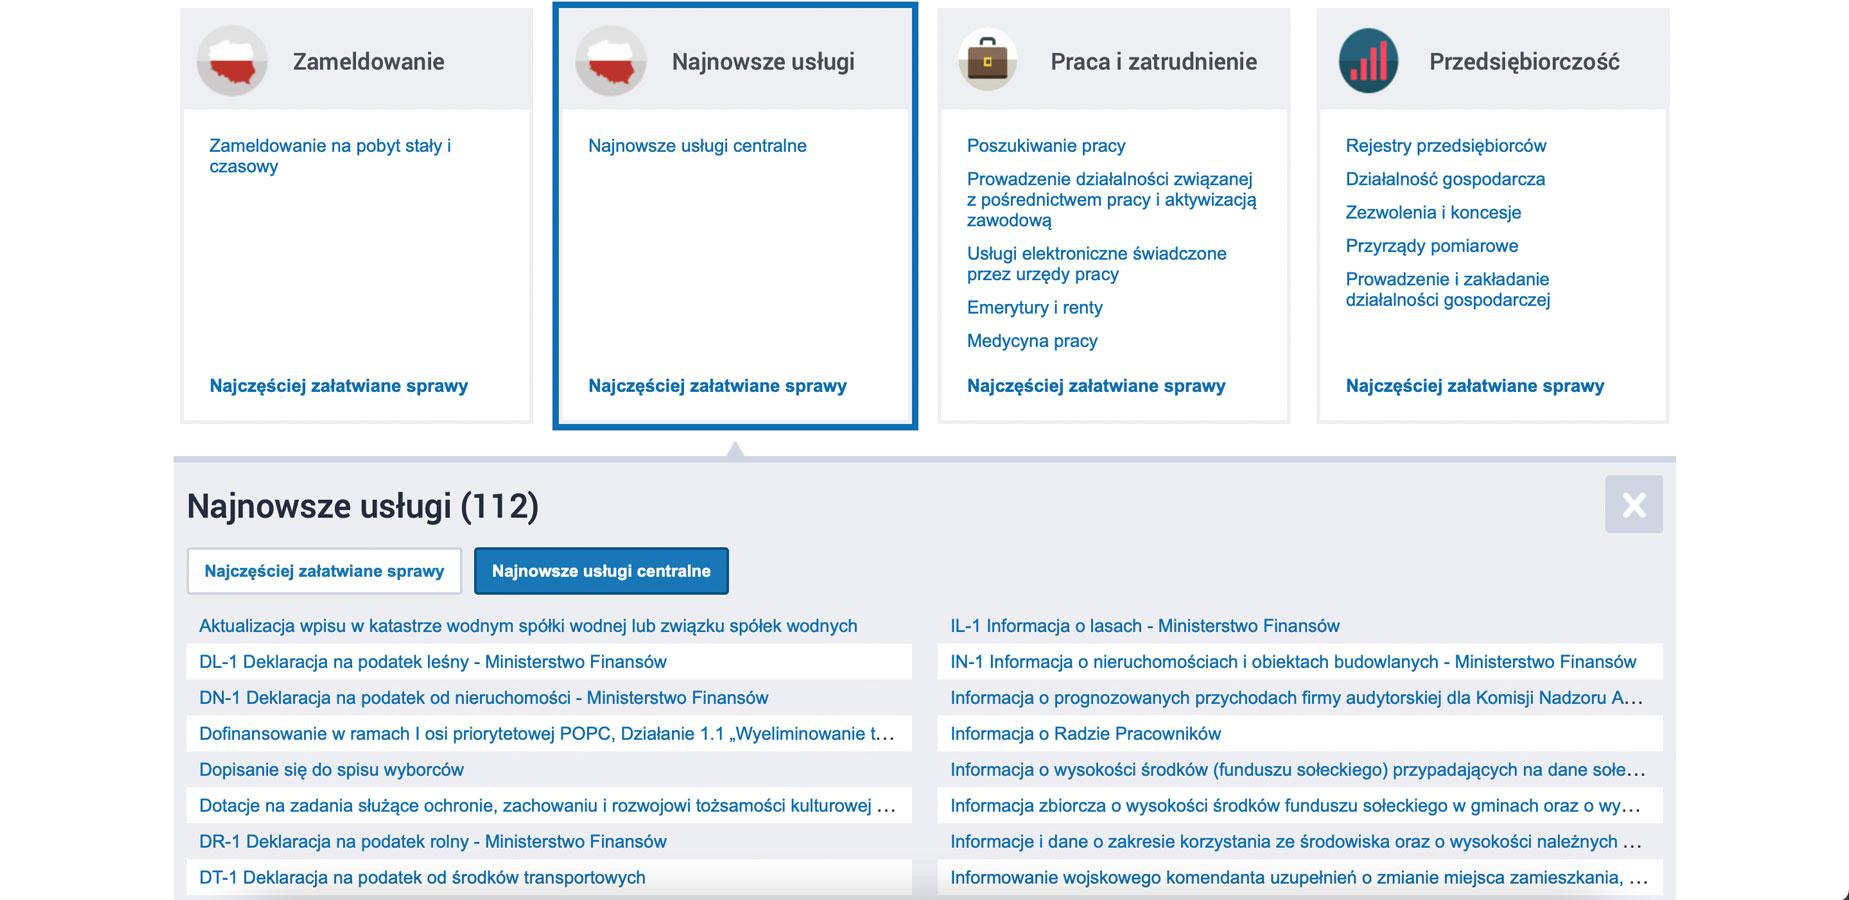 zrzut ekranu ze strony epuap.gov.pl